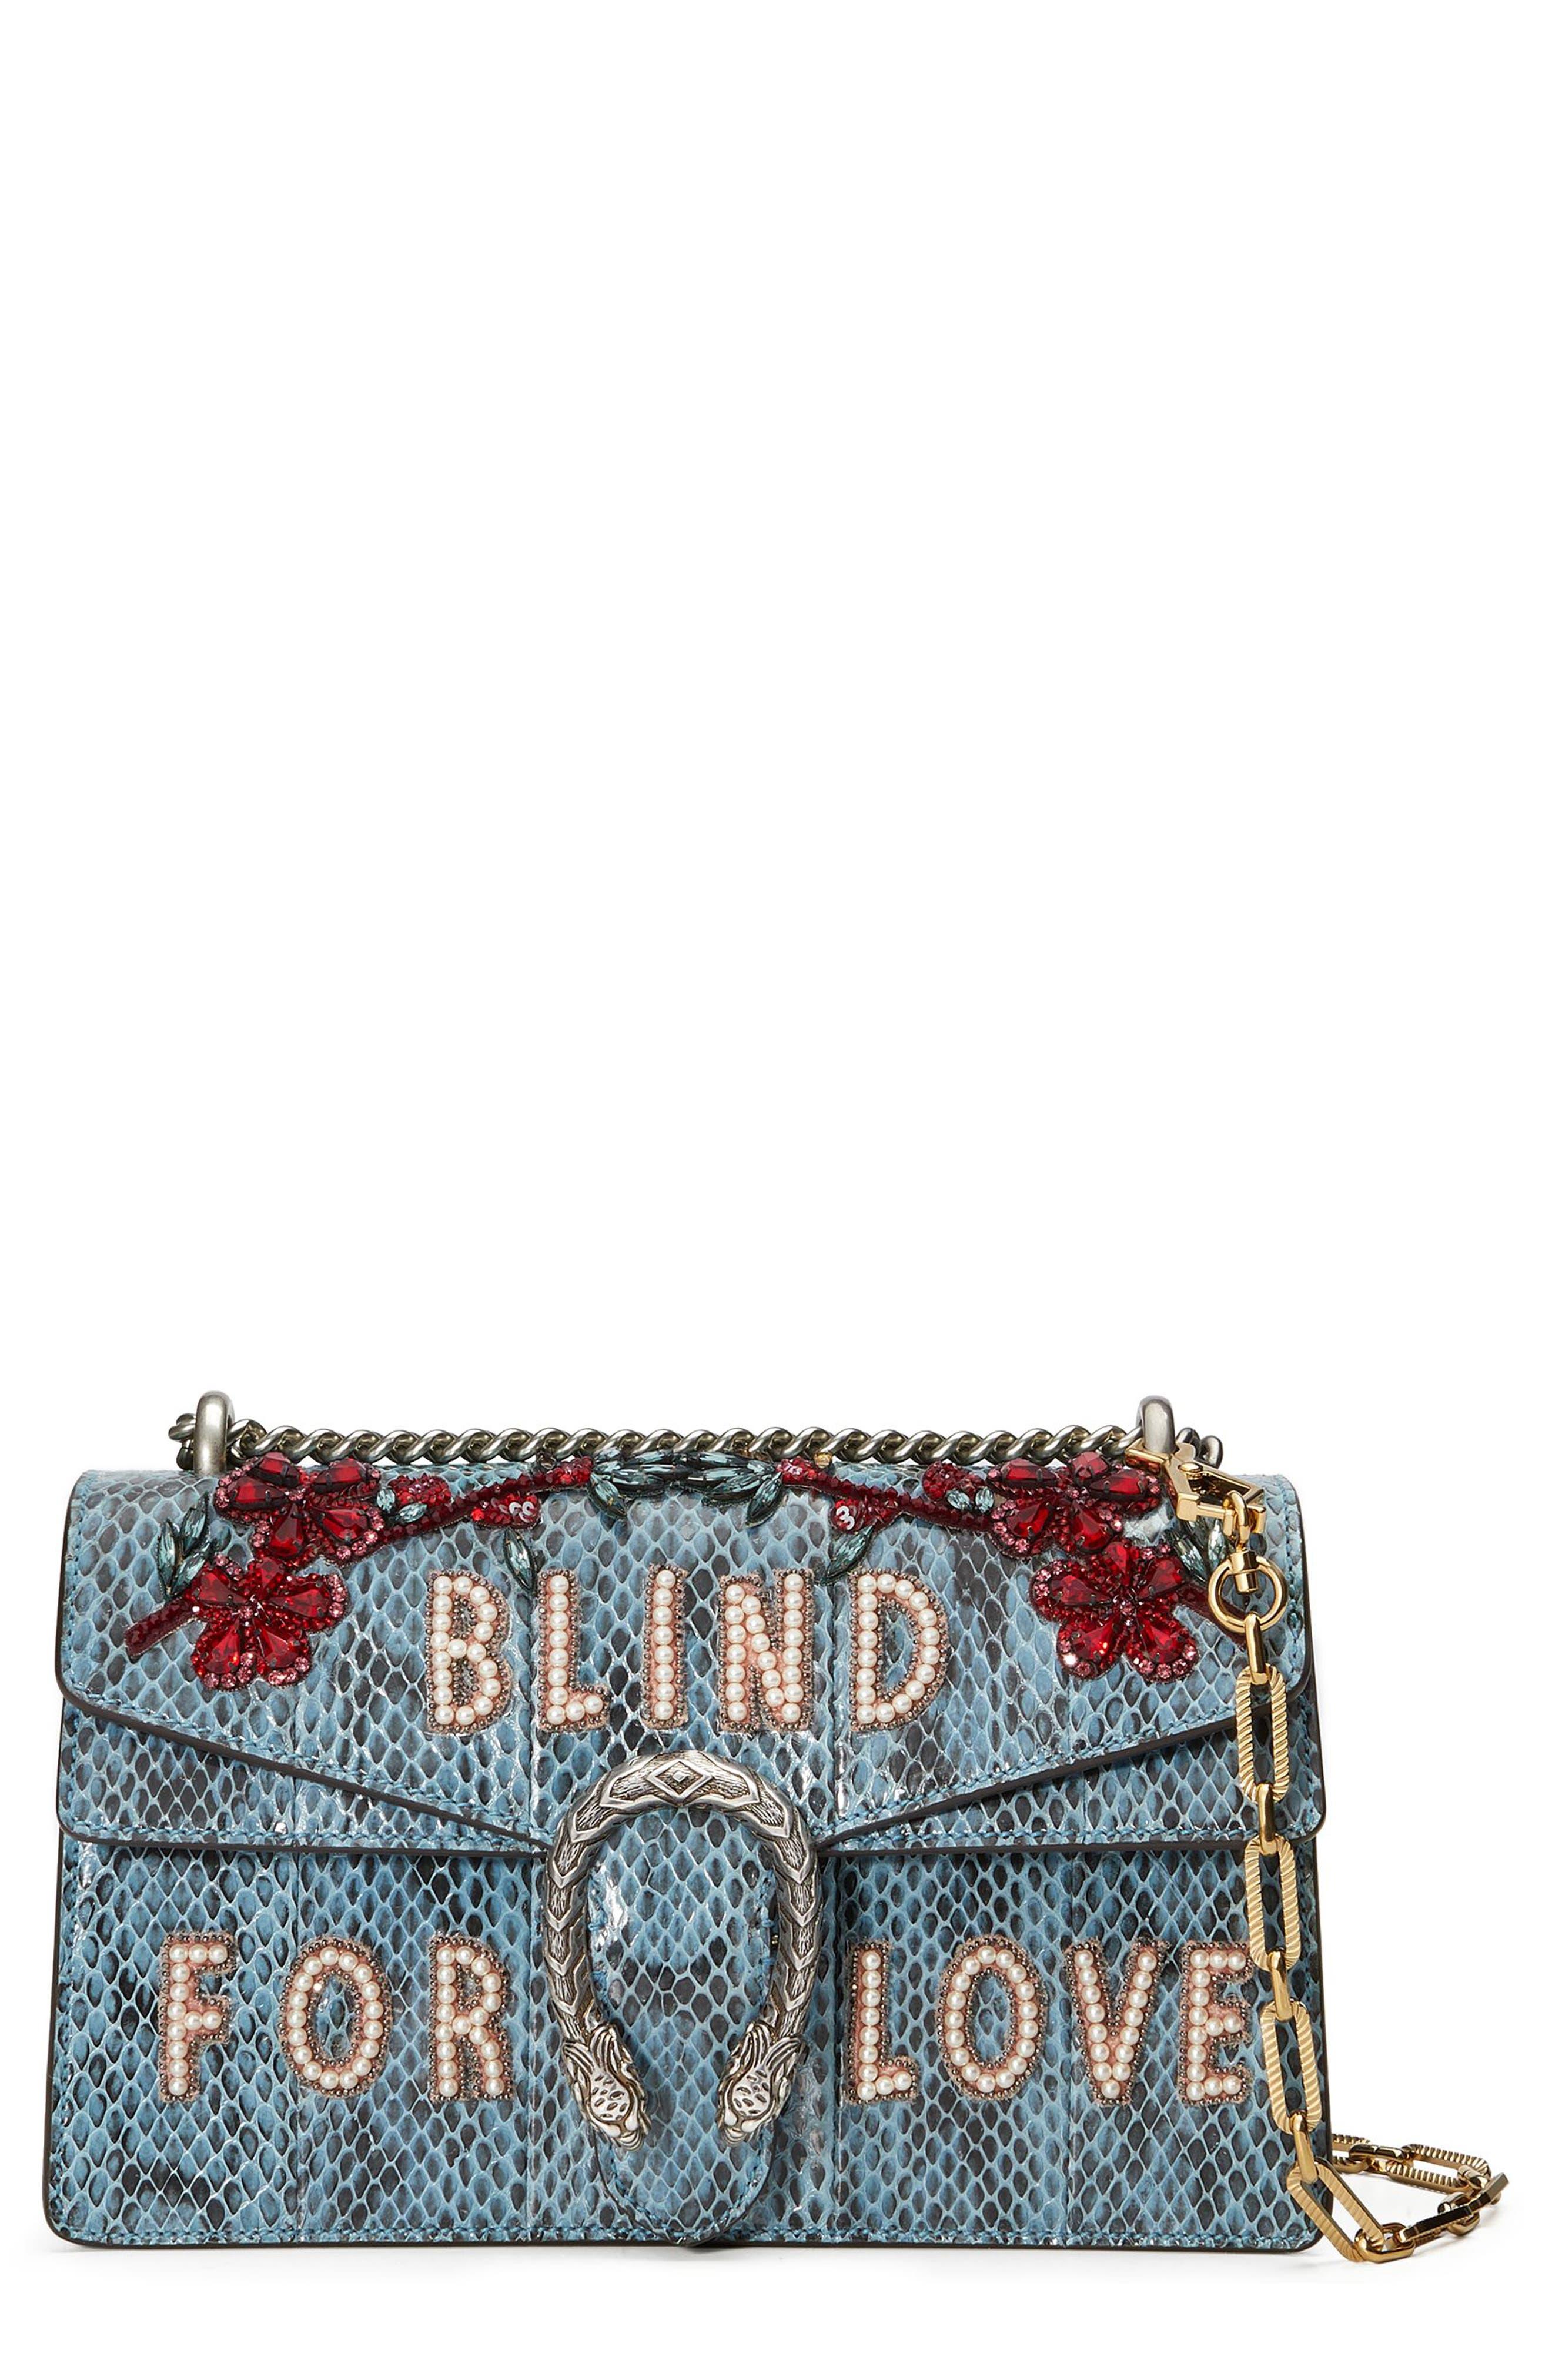 GUCCI Dionysus Blind for Love Genuine Snakeskin Shoulder Bag